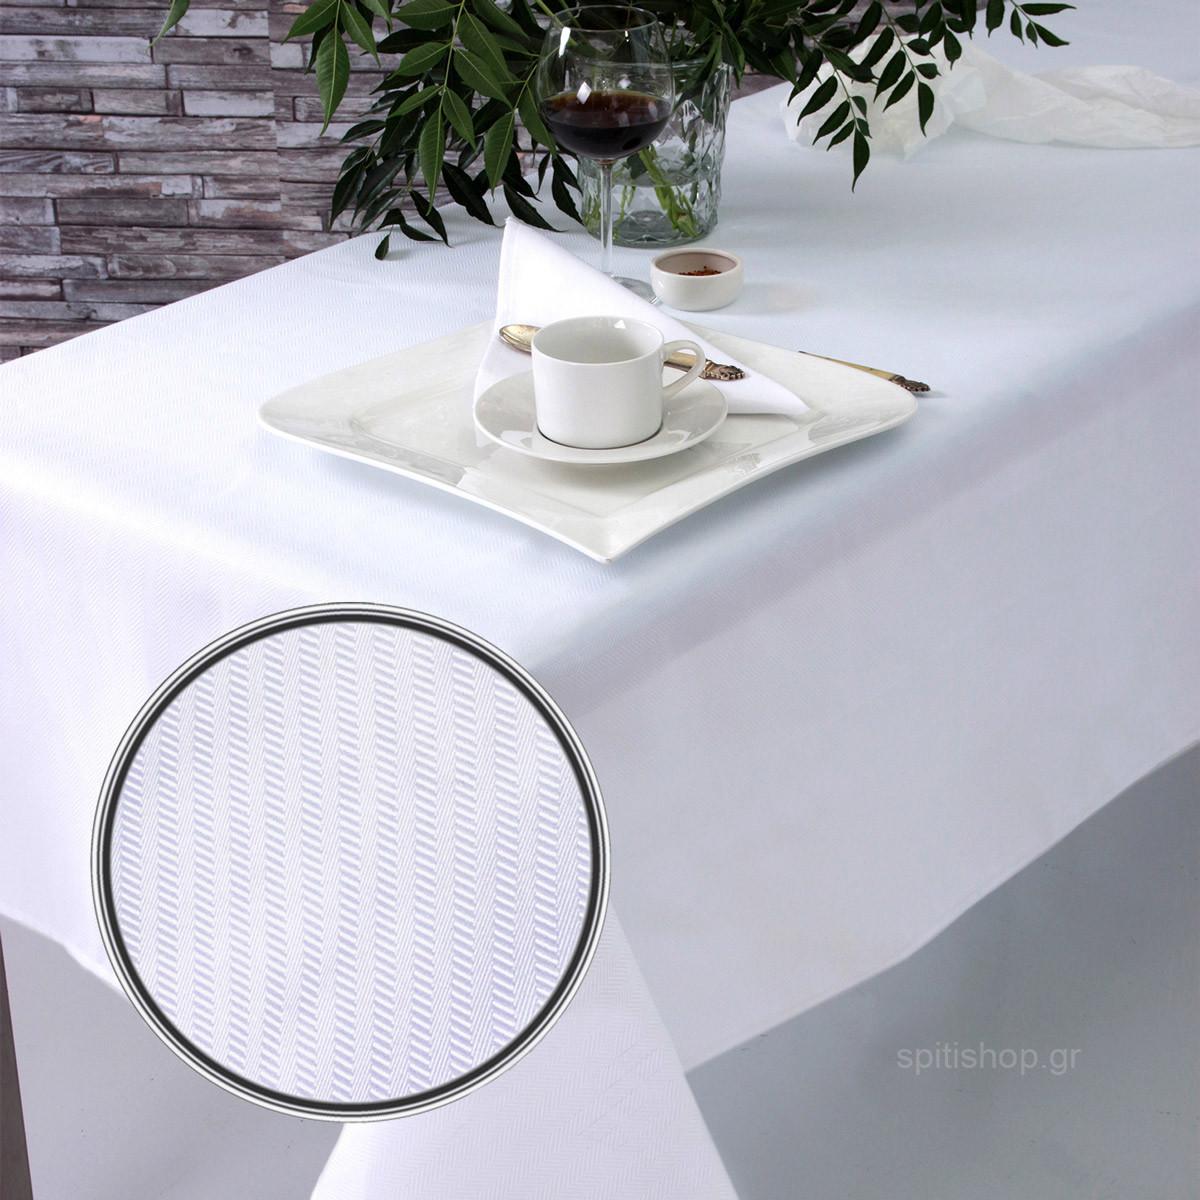 Πετσέτες Φαγητού (Σετ 2τμχ) Sb Home Imprint White